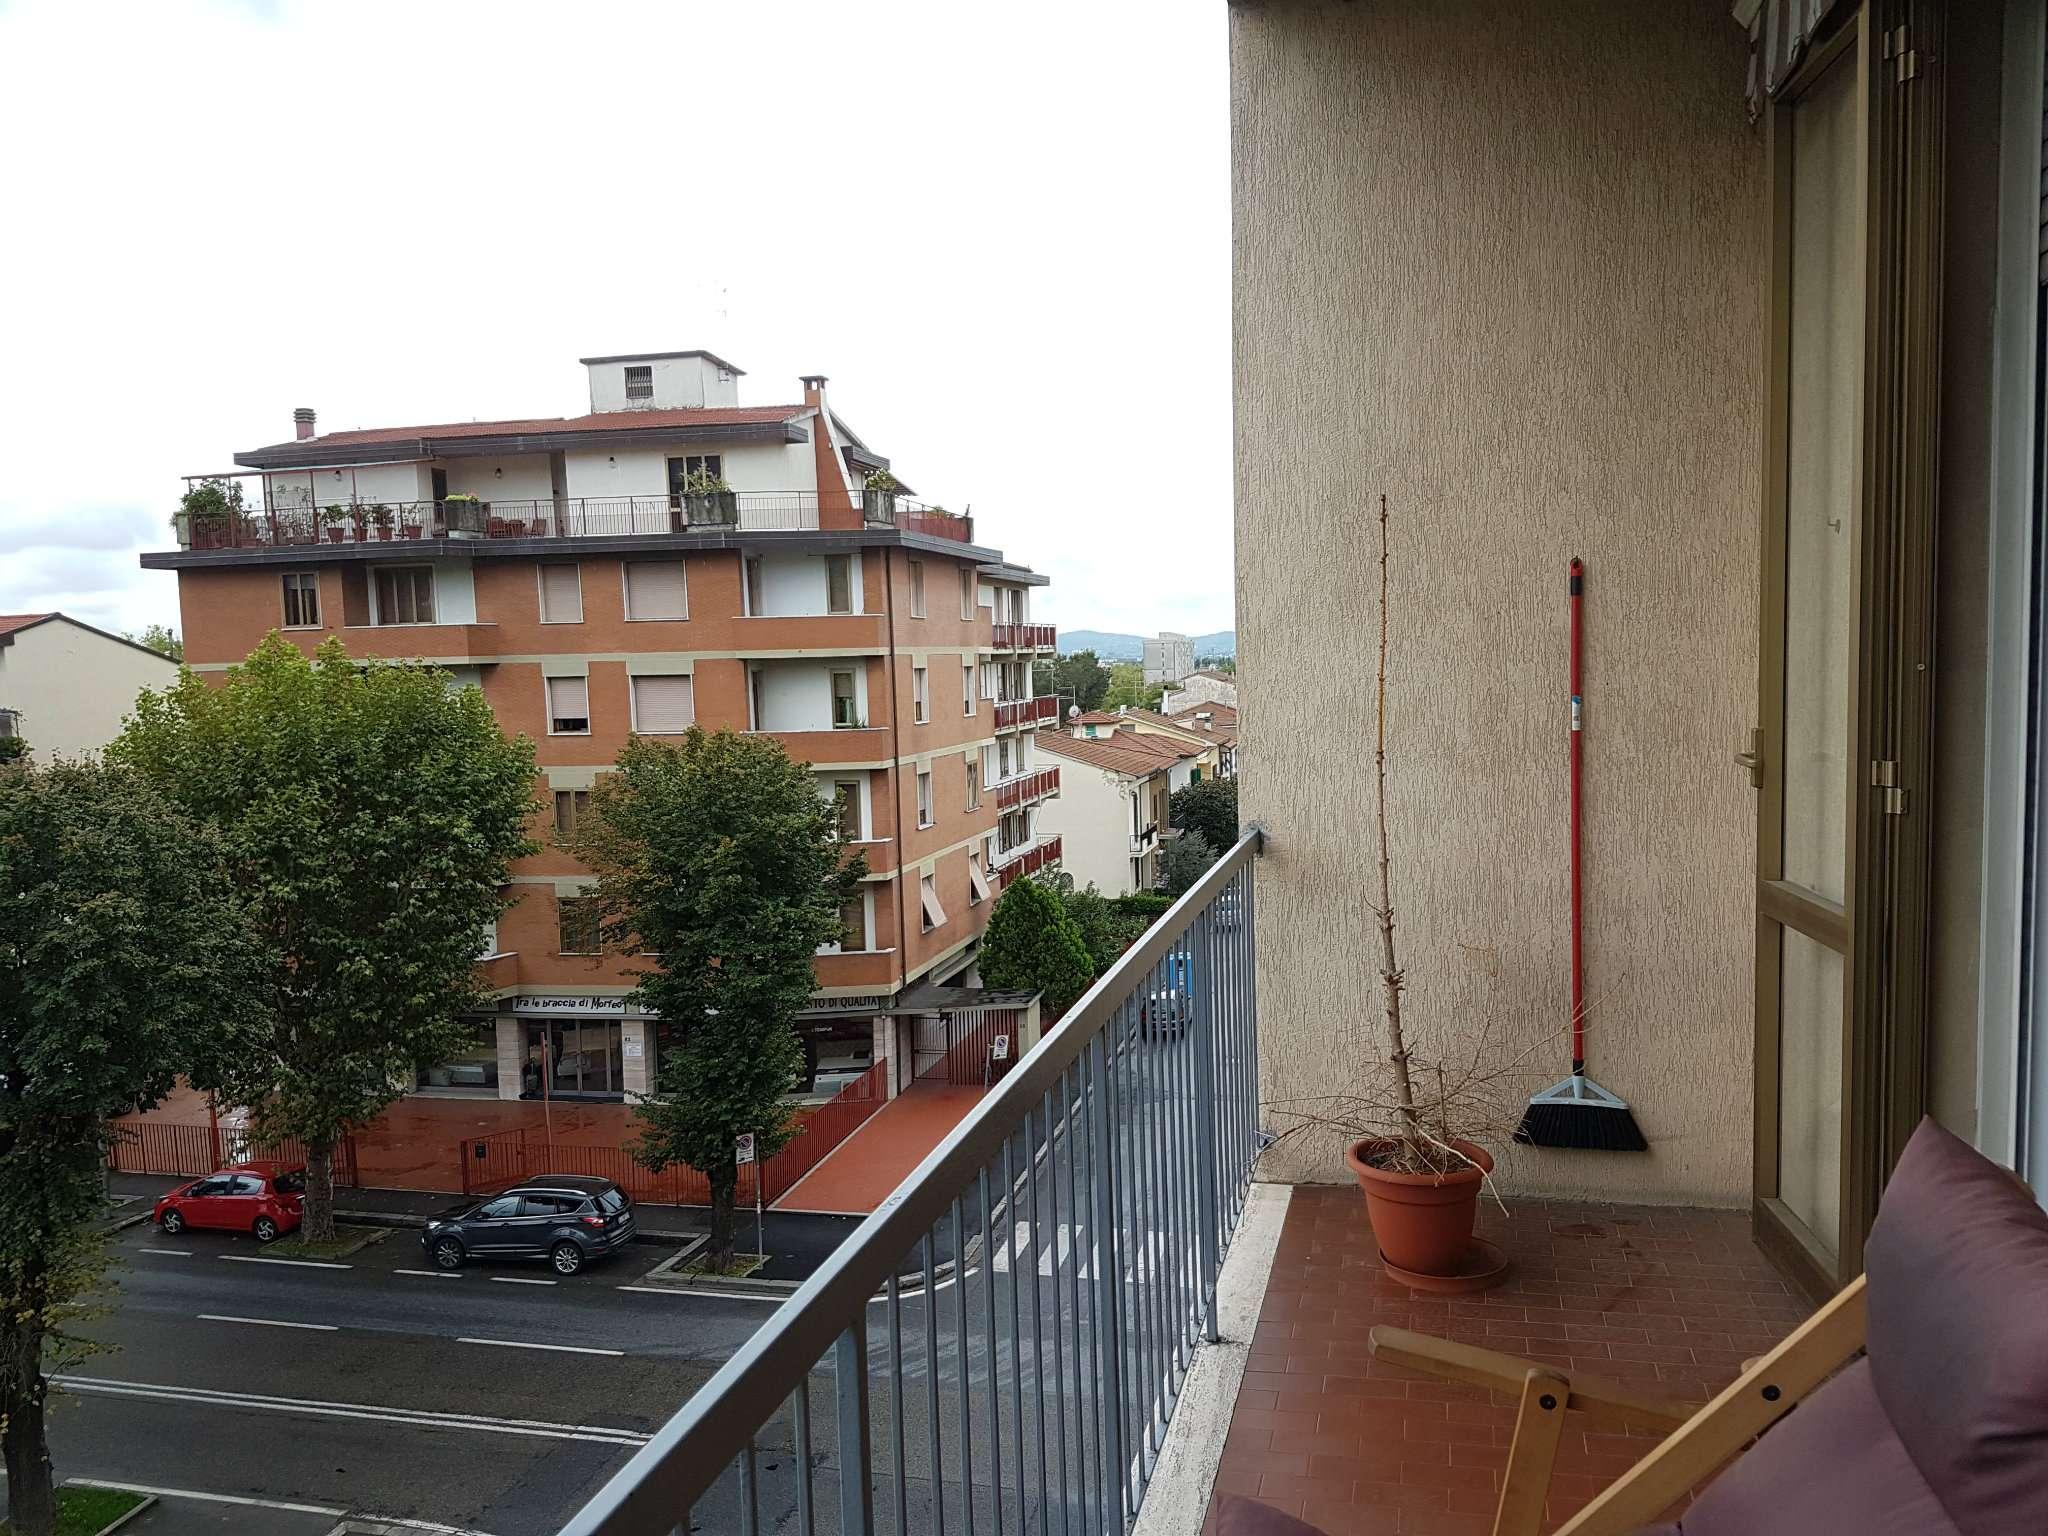 Appartamento in vendita a Sesto Fiorentino, 4 locali, prezzo € 189.000 | CambioCasa.it